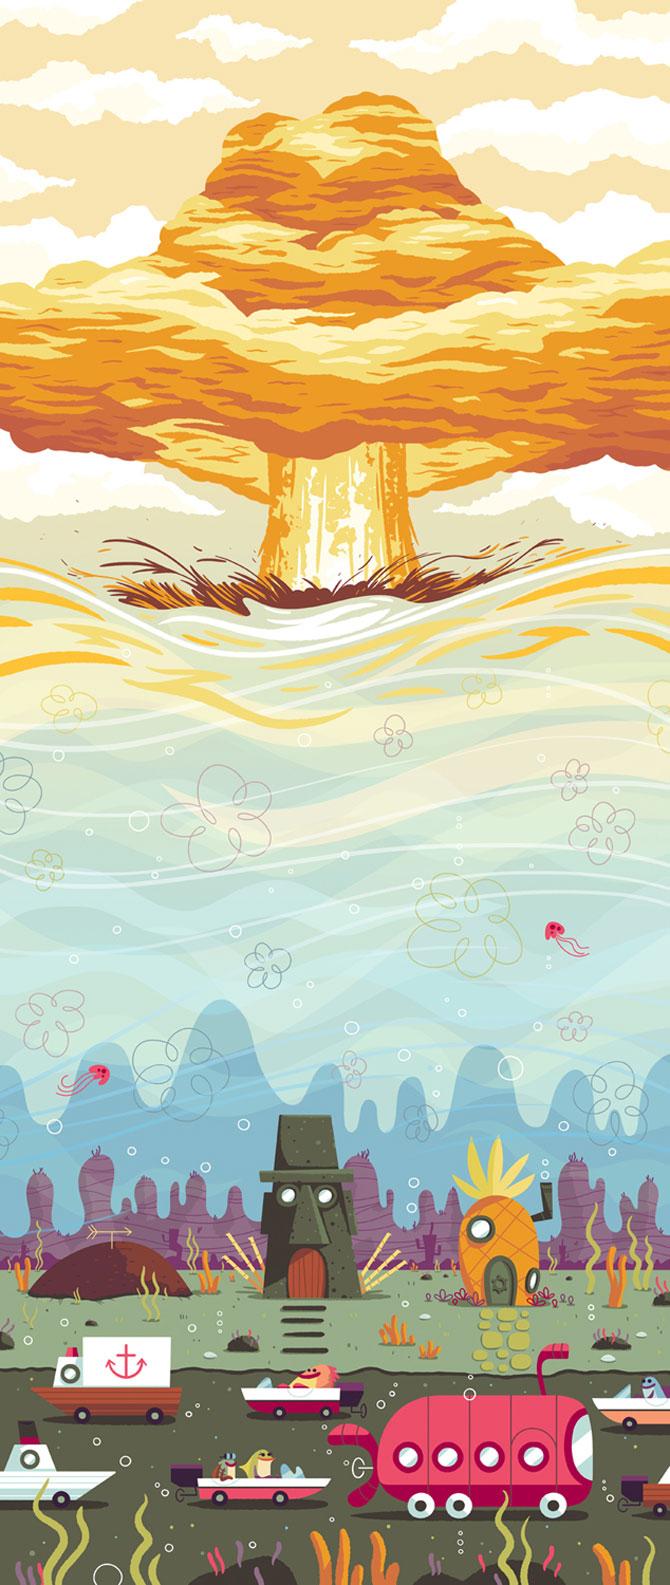 Desene animate in postere de Andrew Kolb - Poza 2